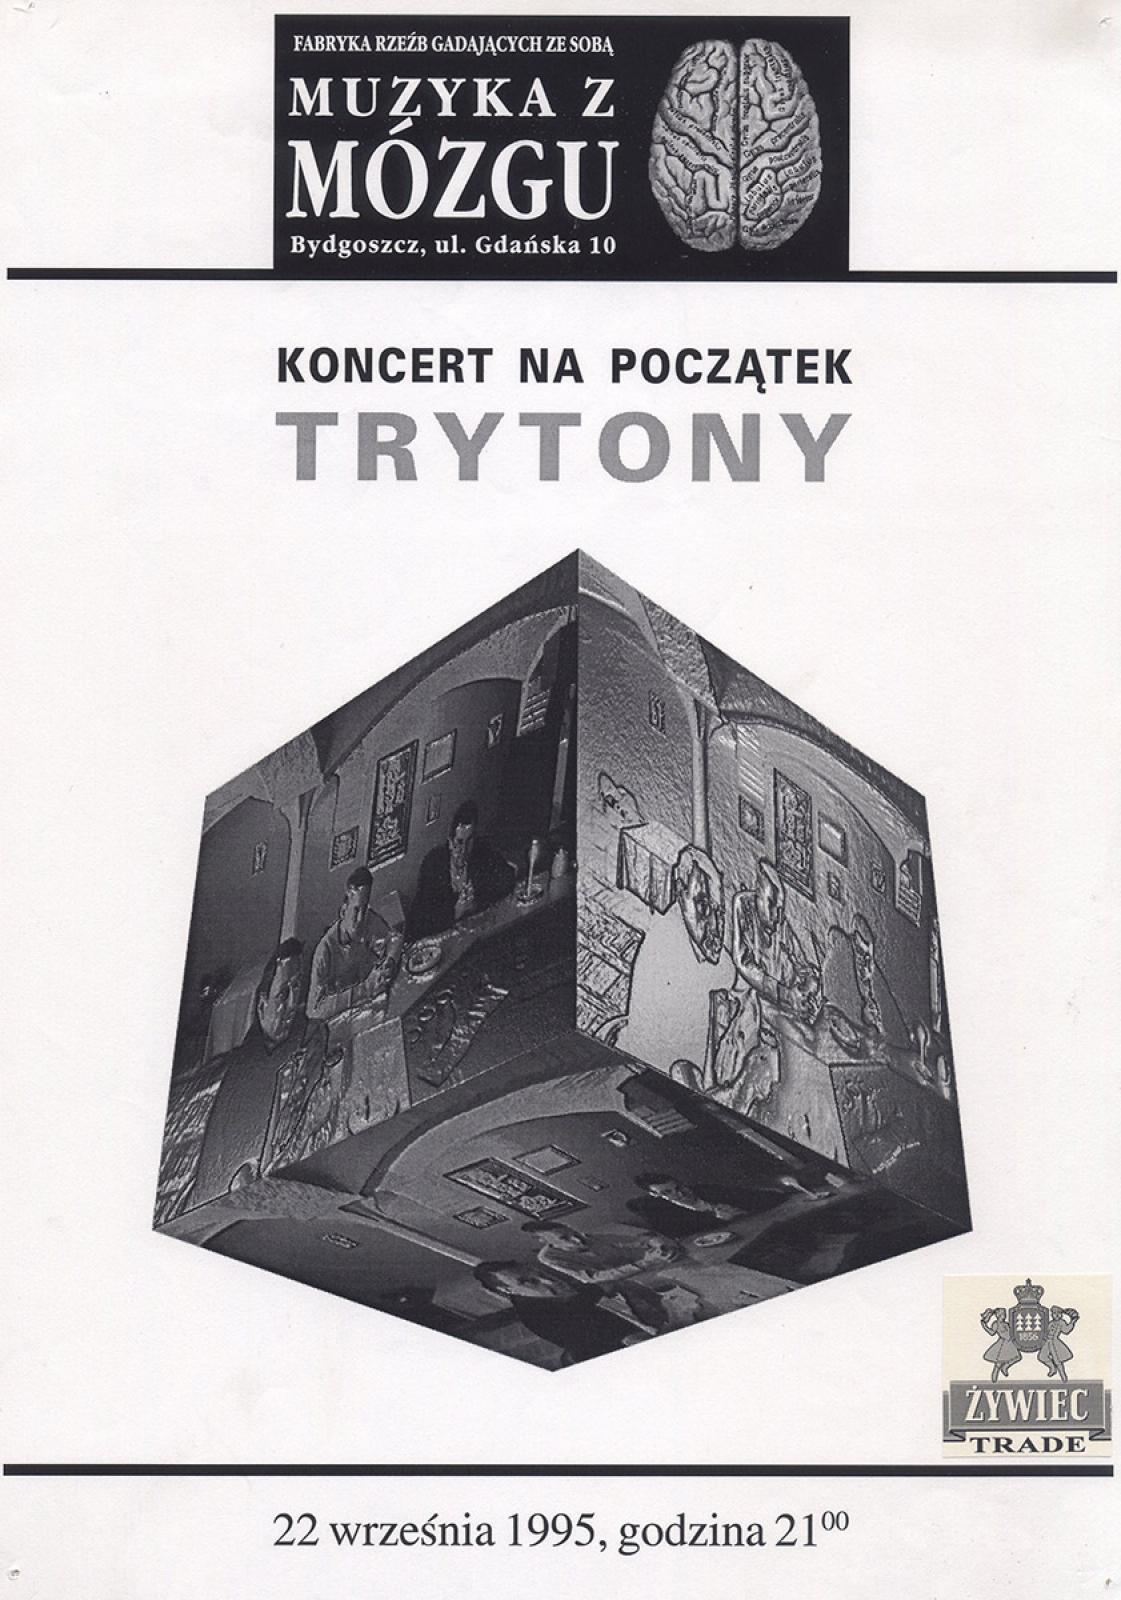 Trytony